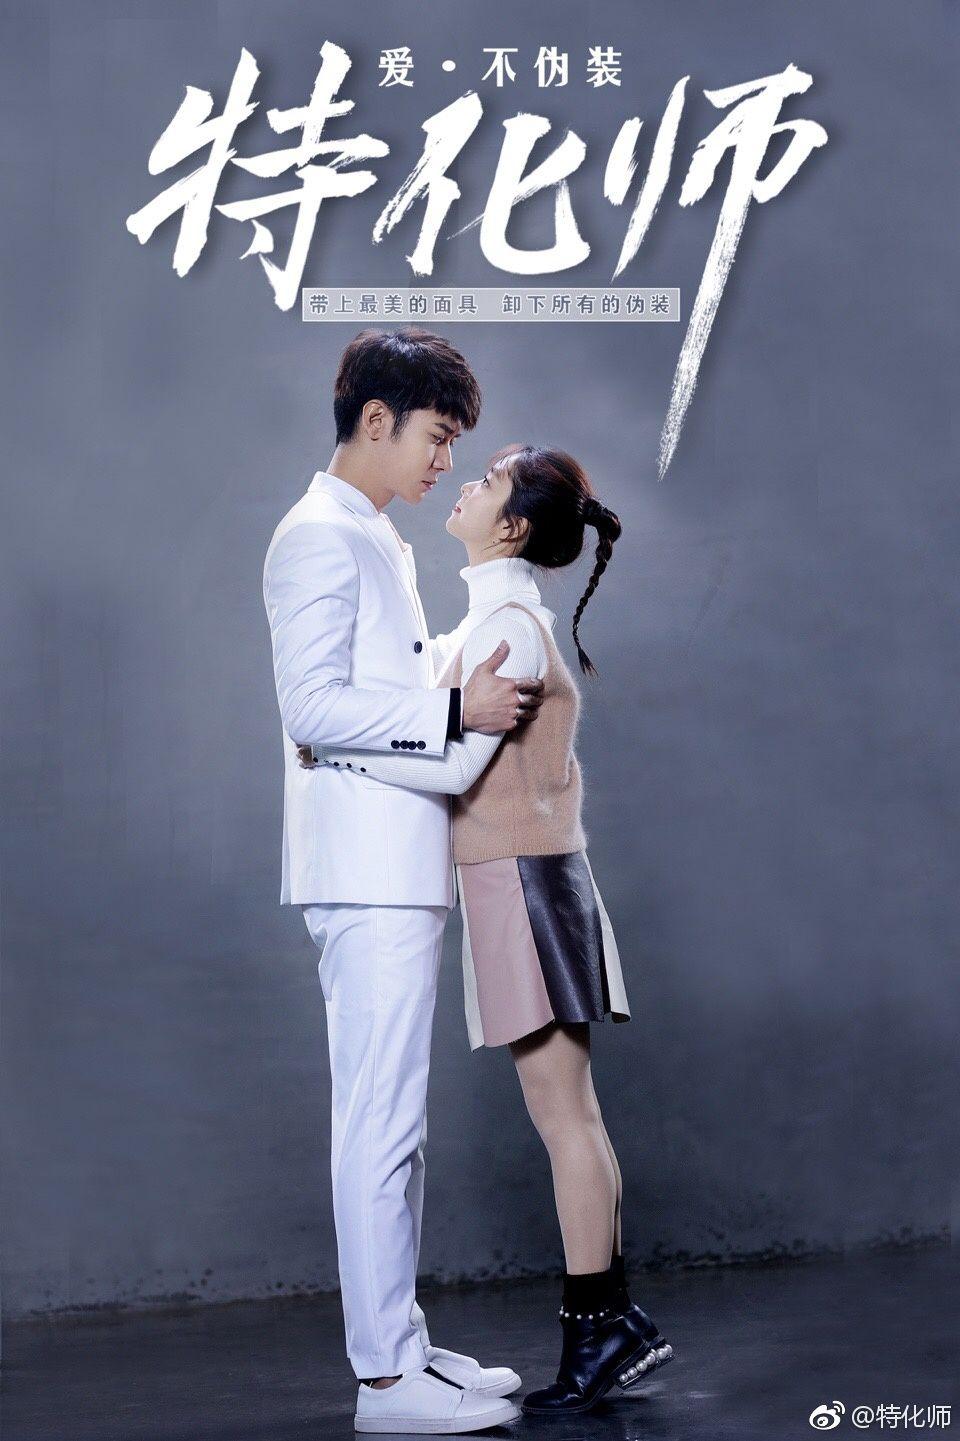 Pin by Aylin on Dear, Tan Song yun Chines drama